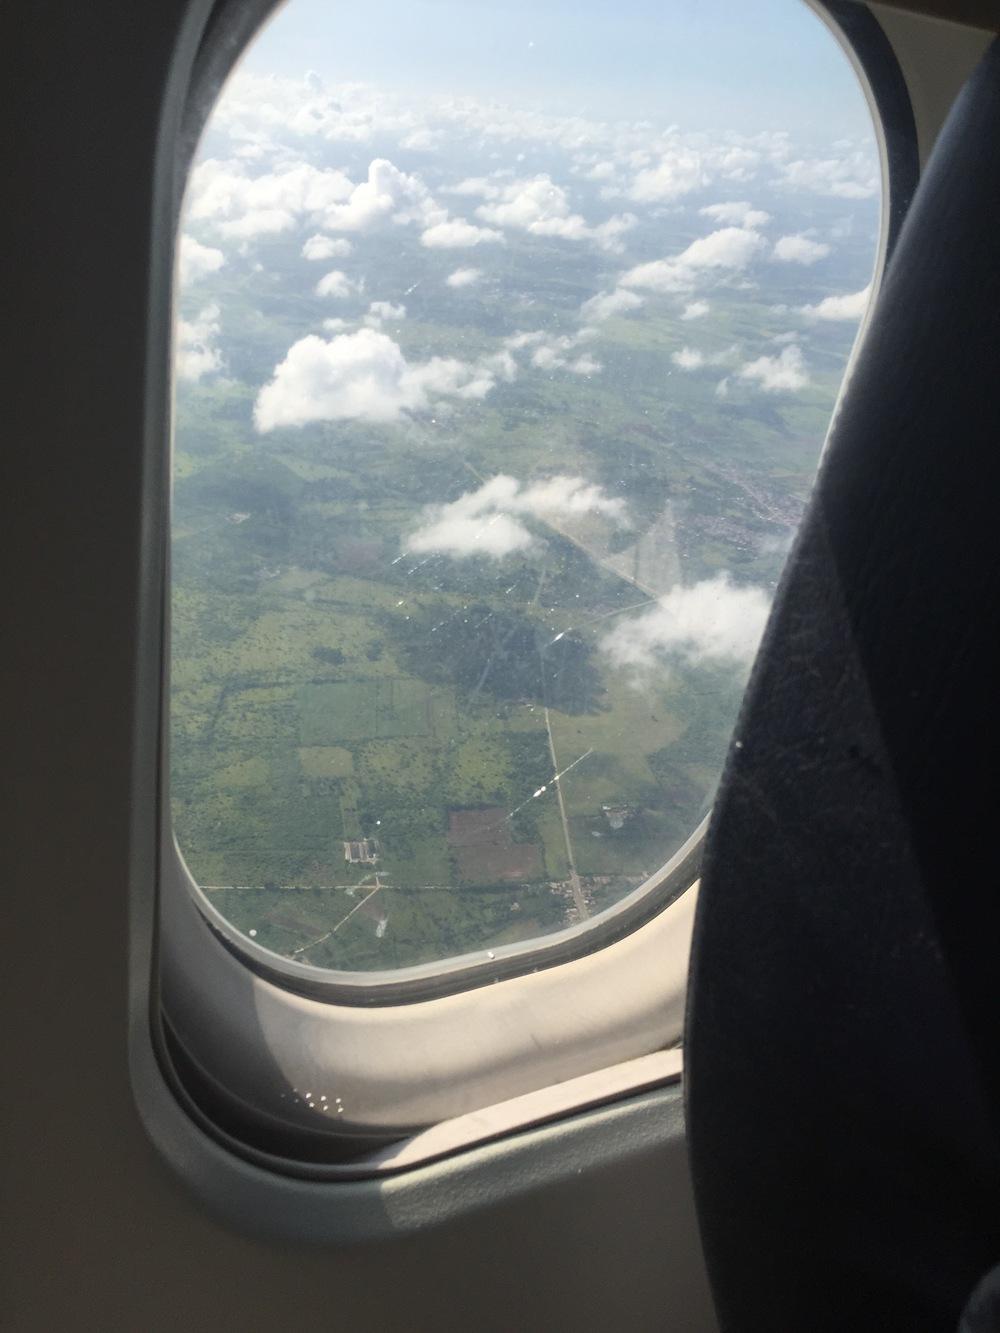 Approaching Cuba